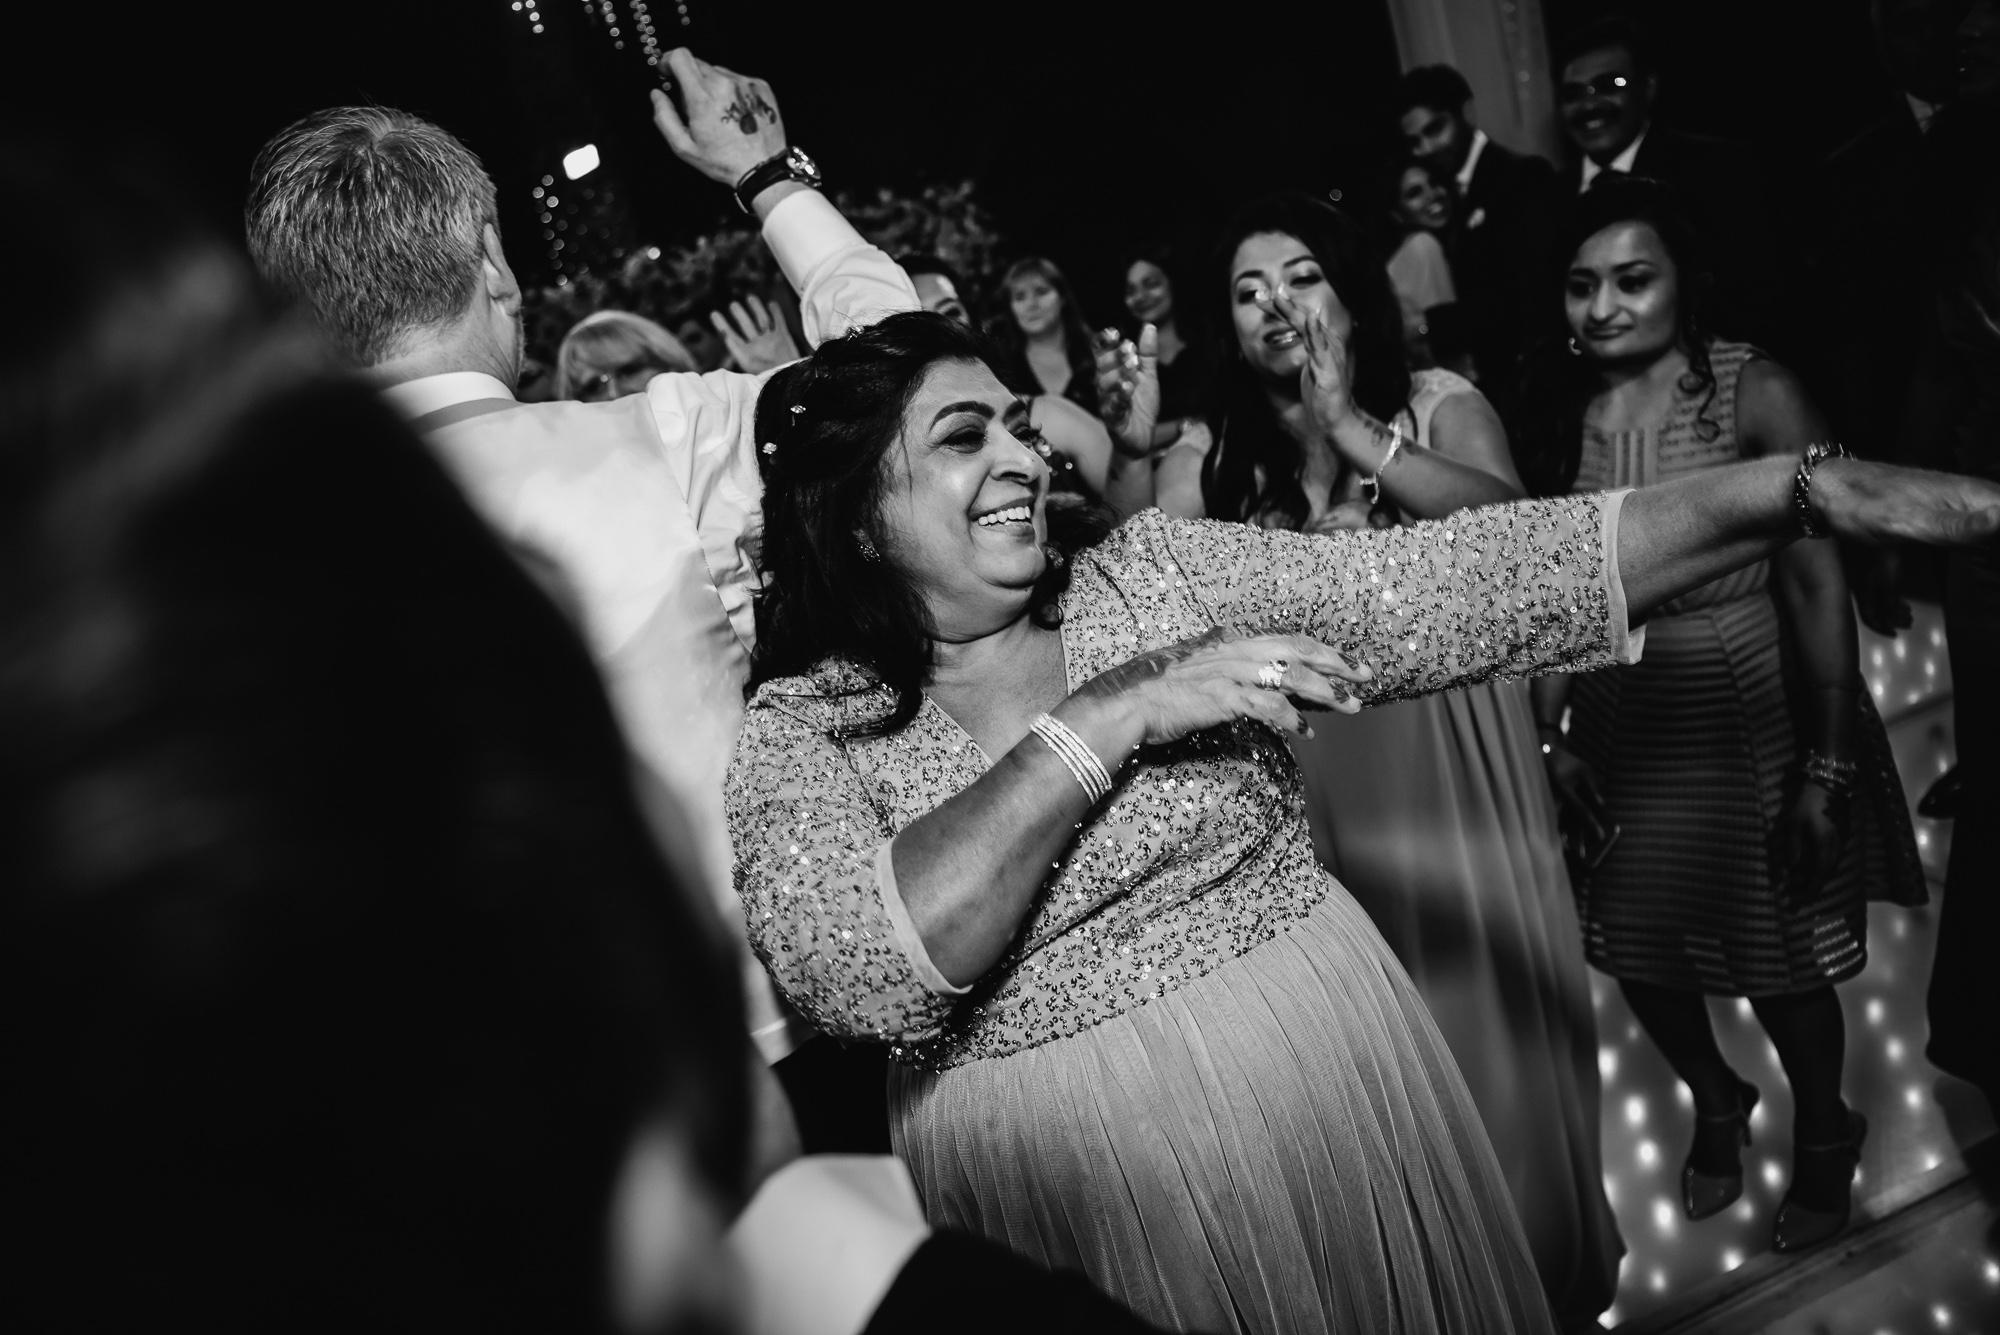 madinat jumeirah dubai wedding photographer  destination wedding photography (46 of 52).jpg